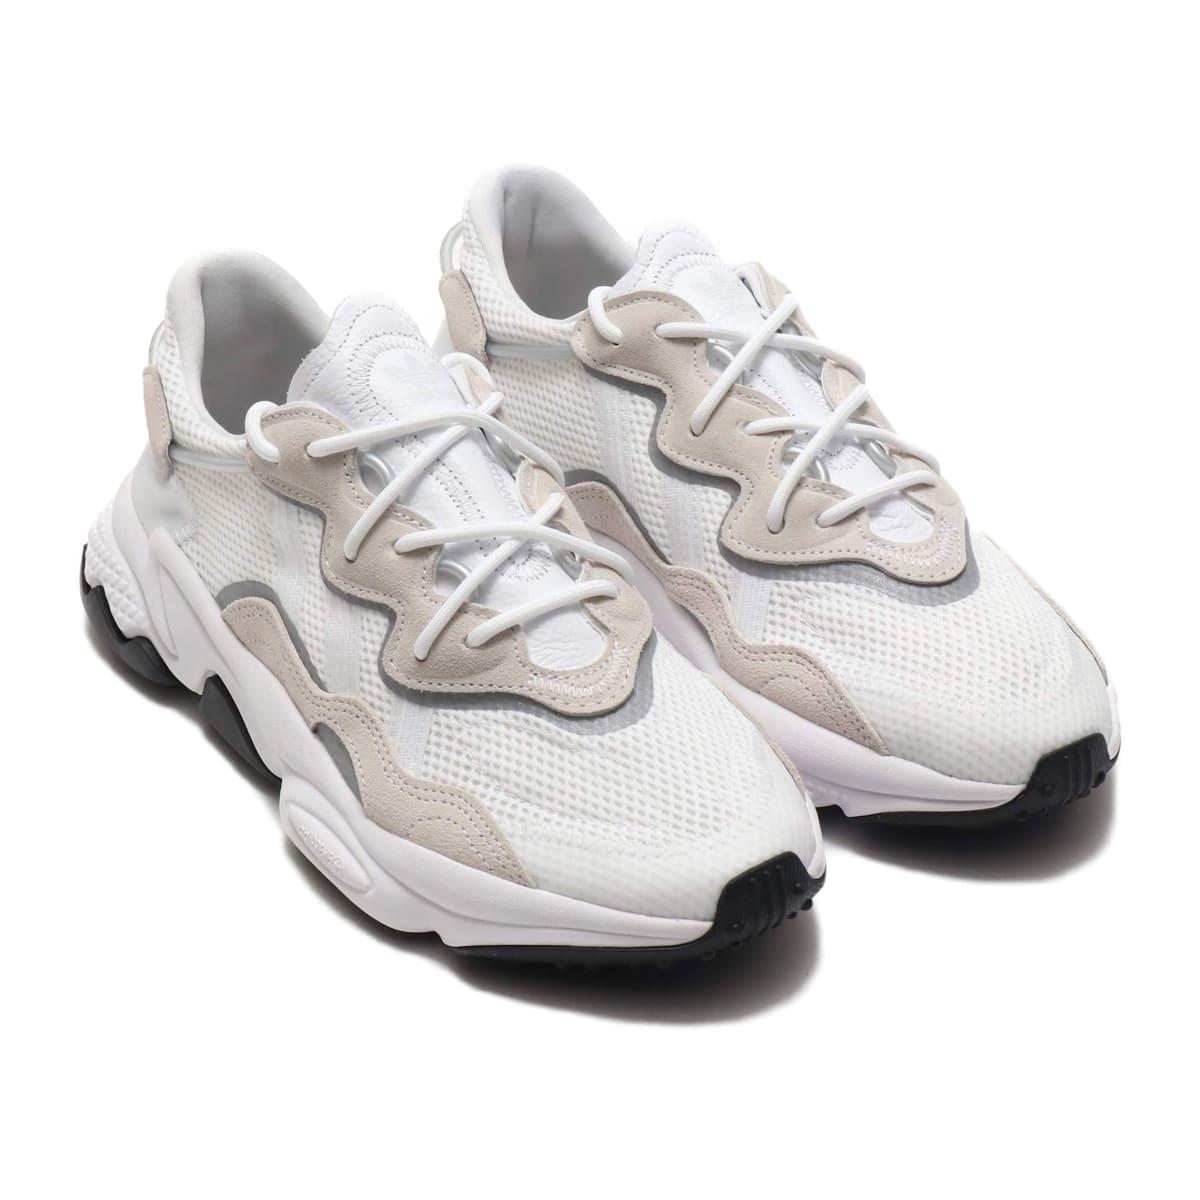 adidas OZWEEGO RUNNING WHITE/RUNNING WHITE/CORE BLACK 19FW-S_photo_large